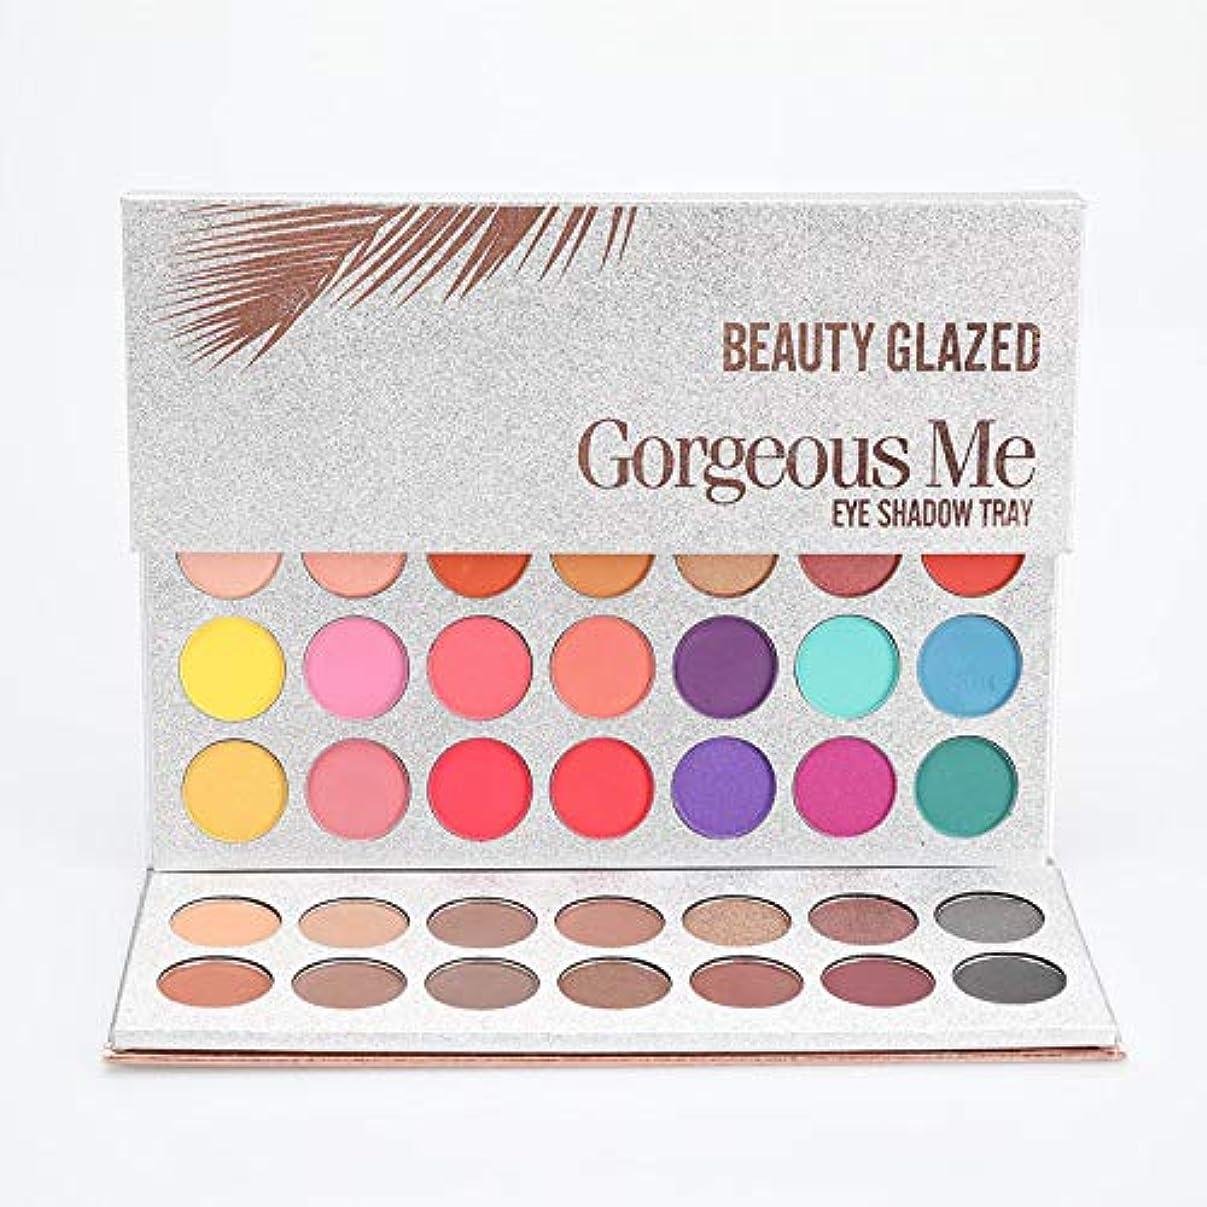 泣き叫ぶ引数お金63 Color eyeshadow pallete Glitter Makeup Matte Eye shadow make up palette maquillage paleta de sombra 63色のアイシャドーパレエキラキラメイクアップマットアイシャドウメイクアップパレットマキアージュパレタデムブラブ